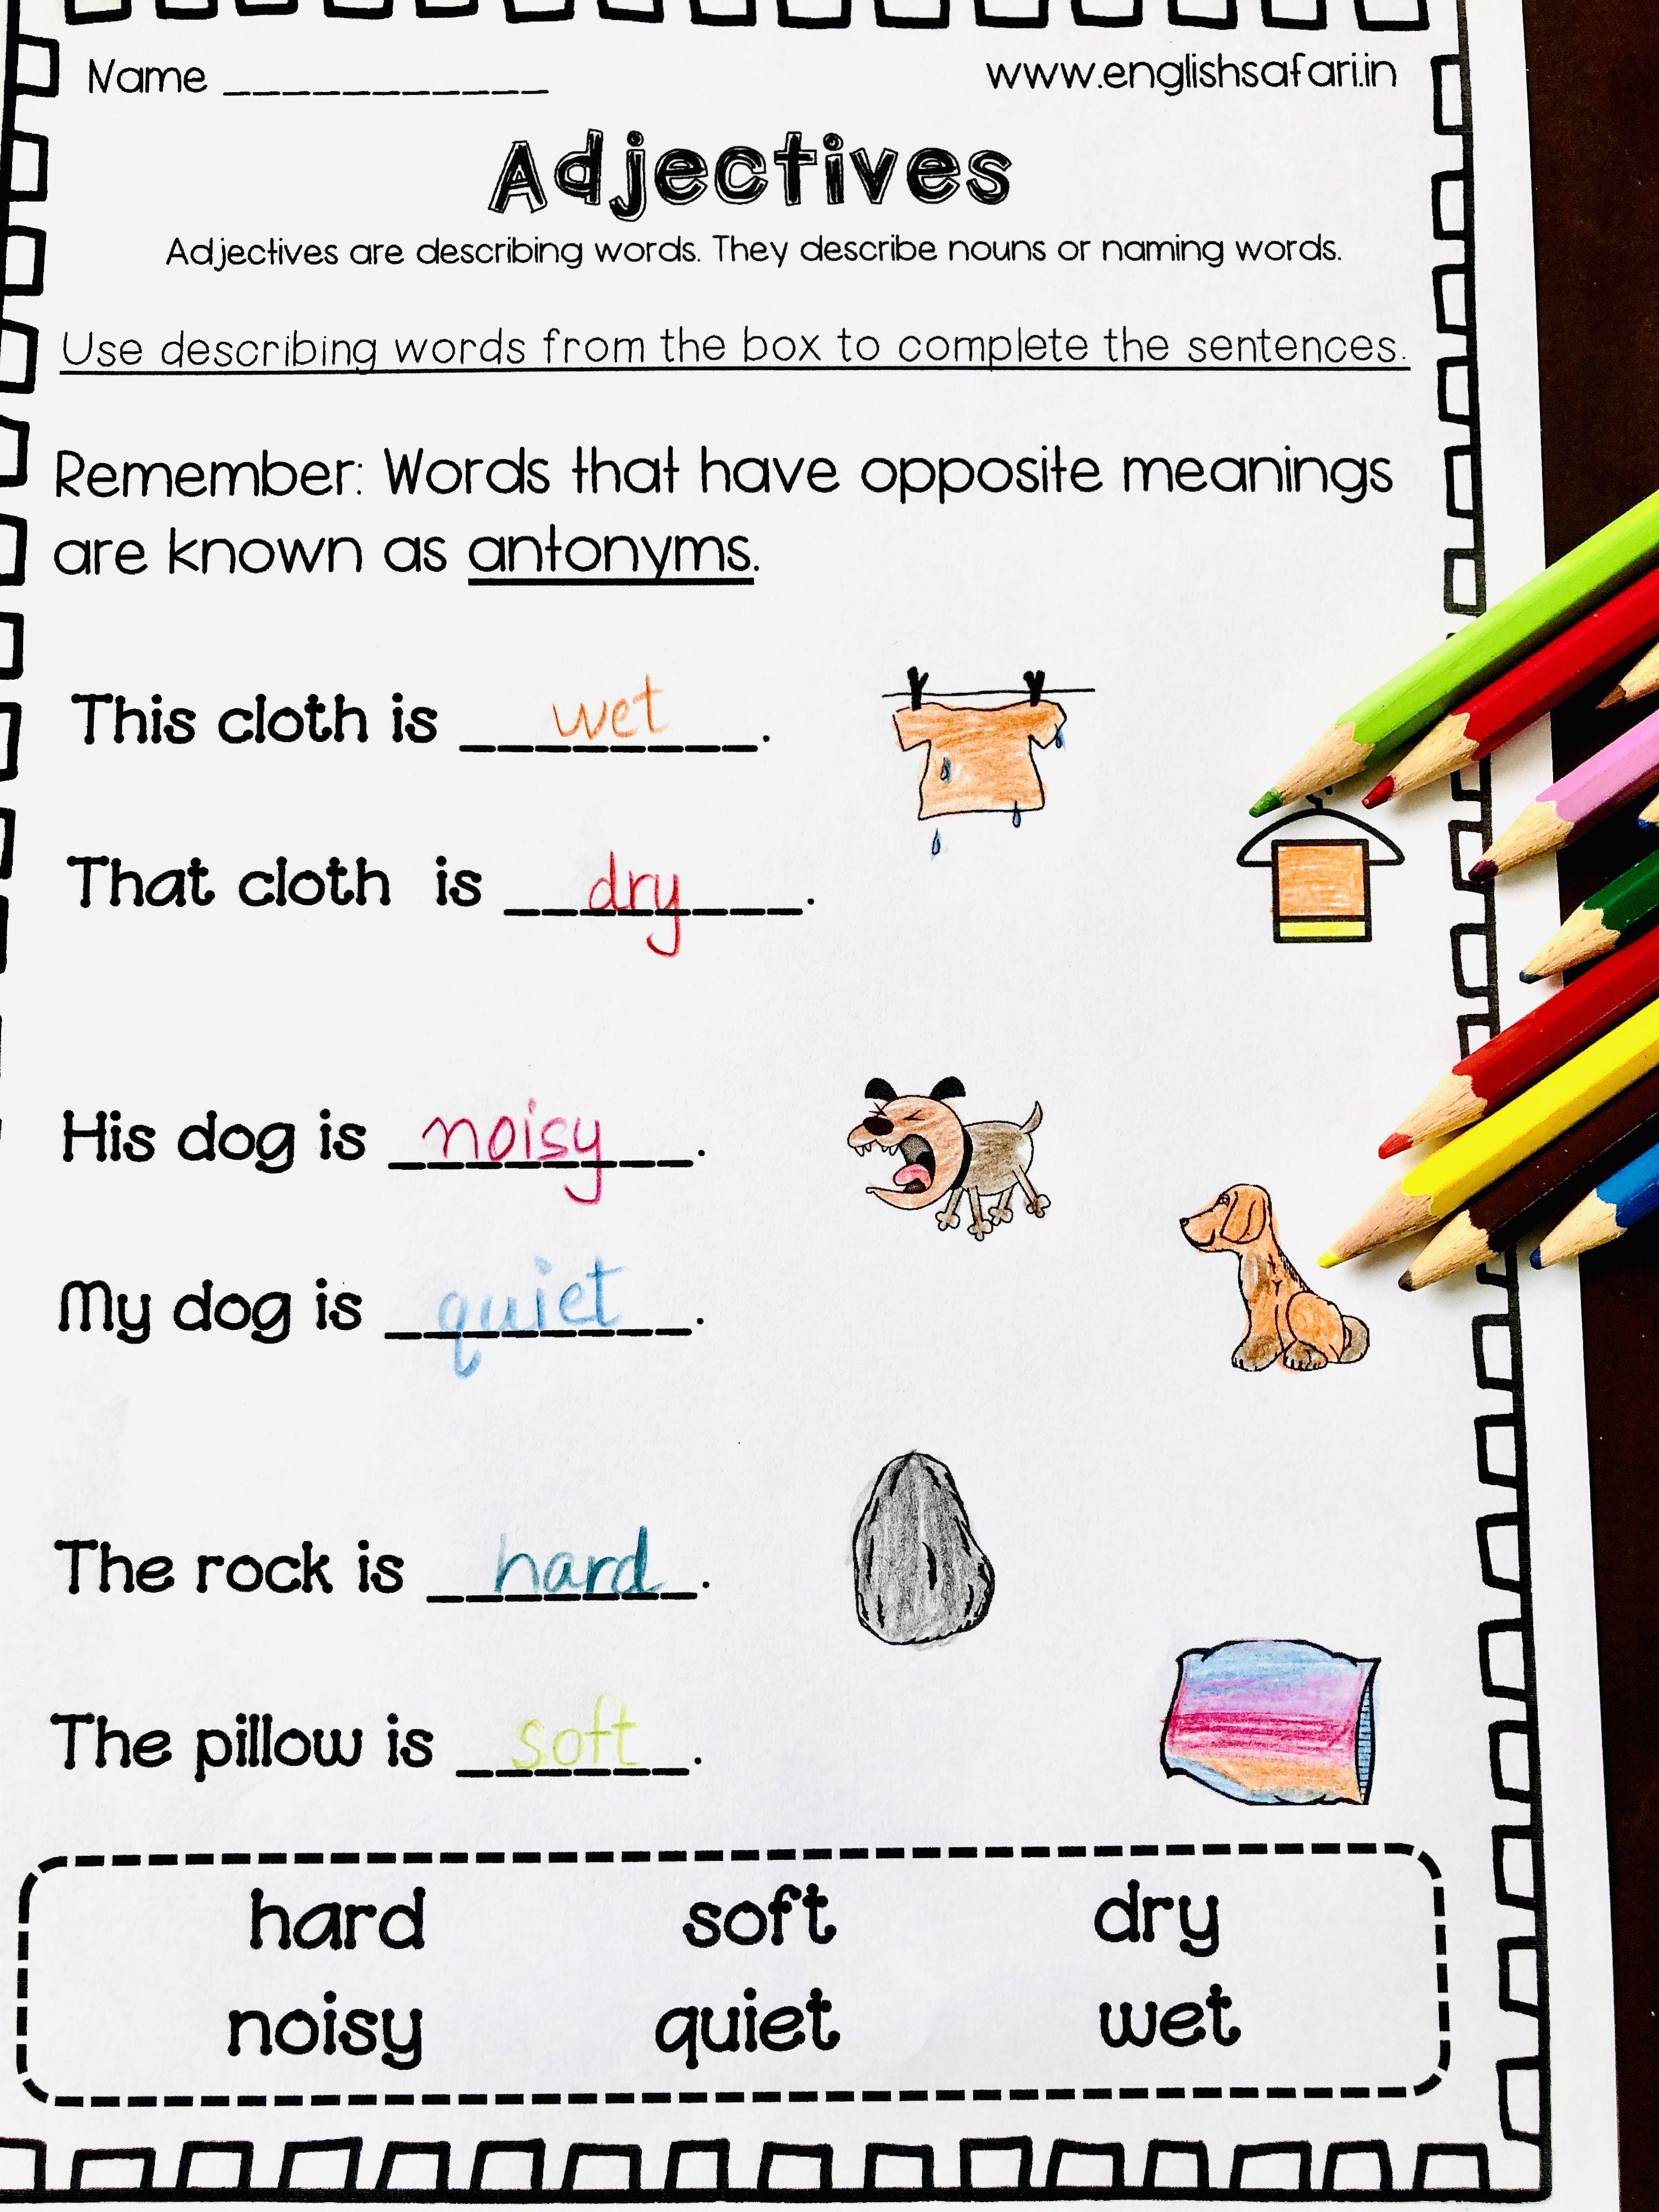 Describing Words Or Adjectives